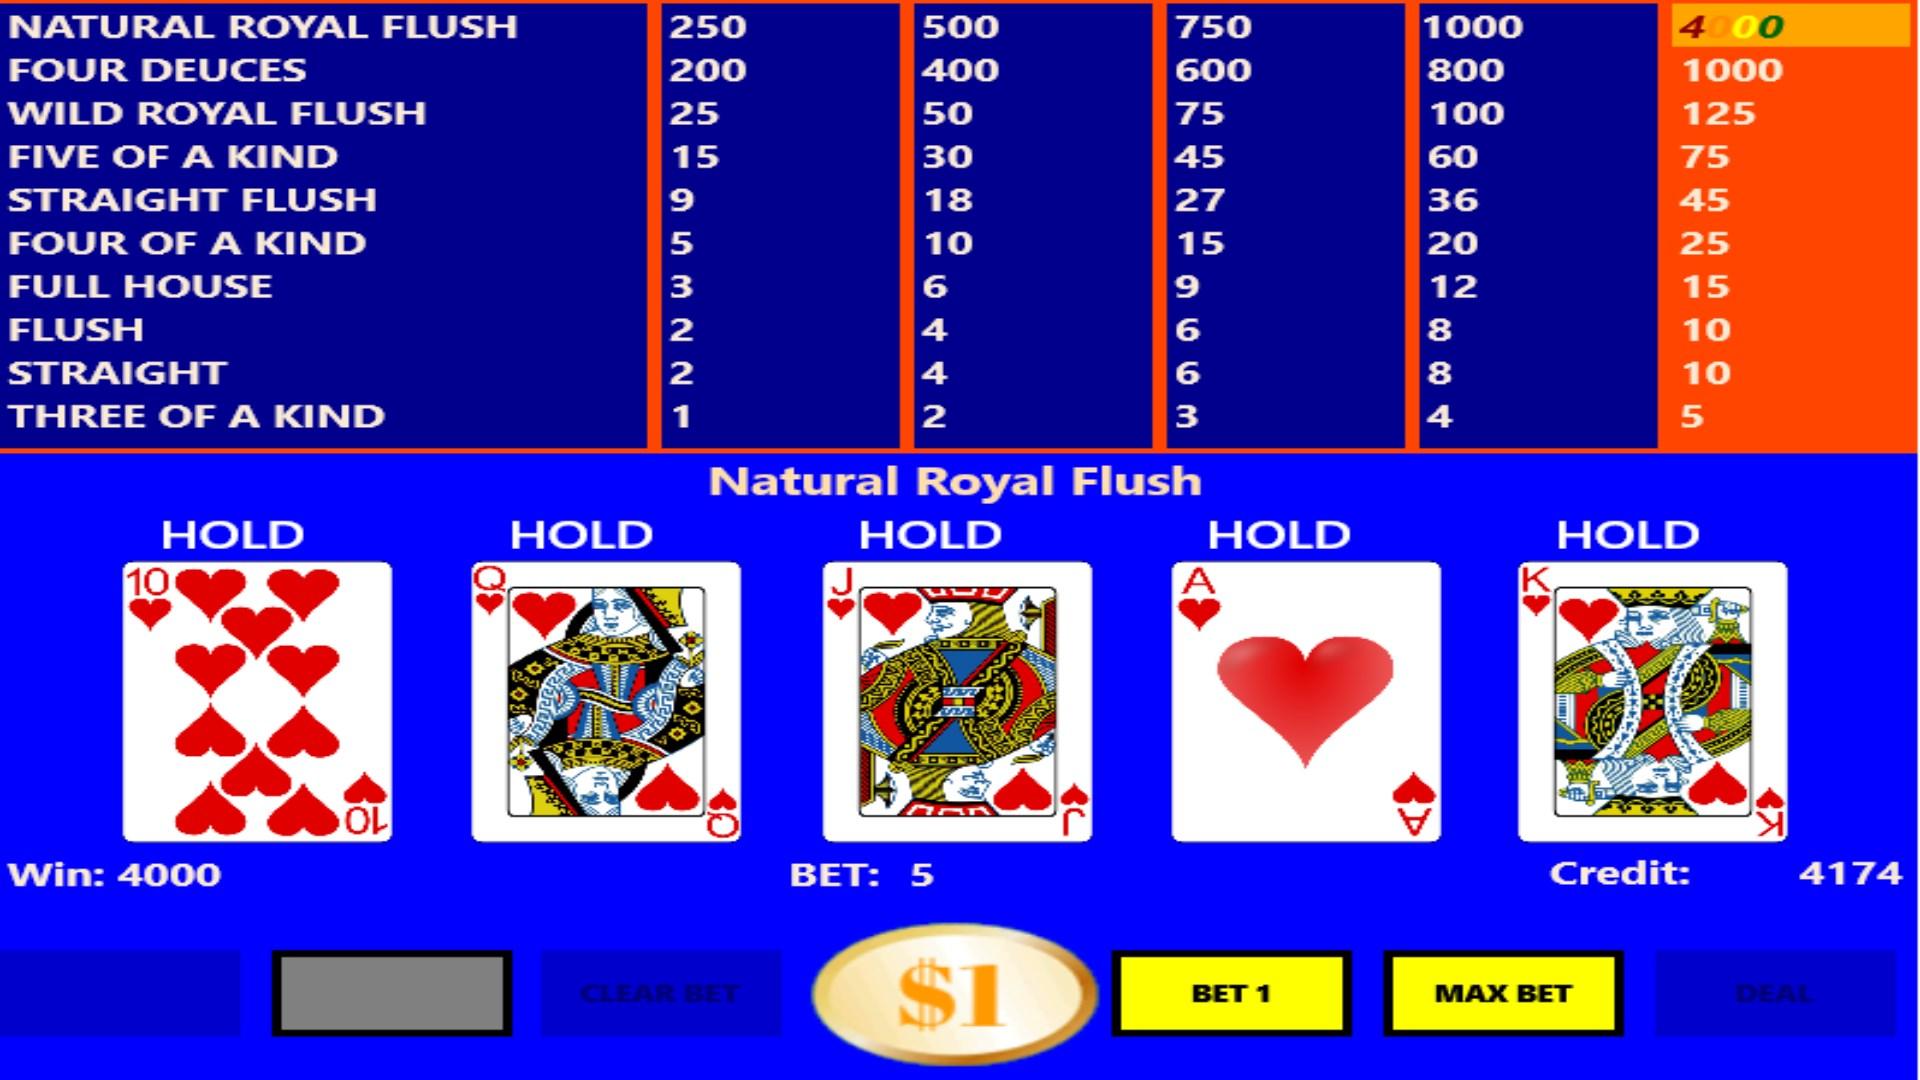 Deuces wild video poker app